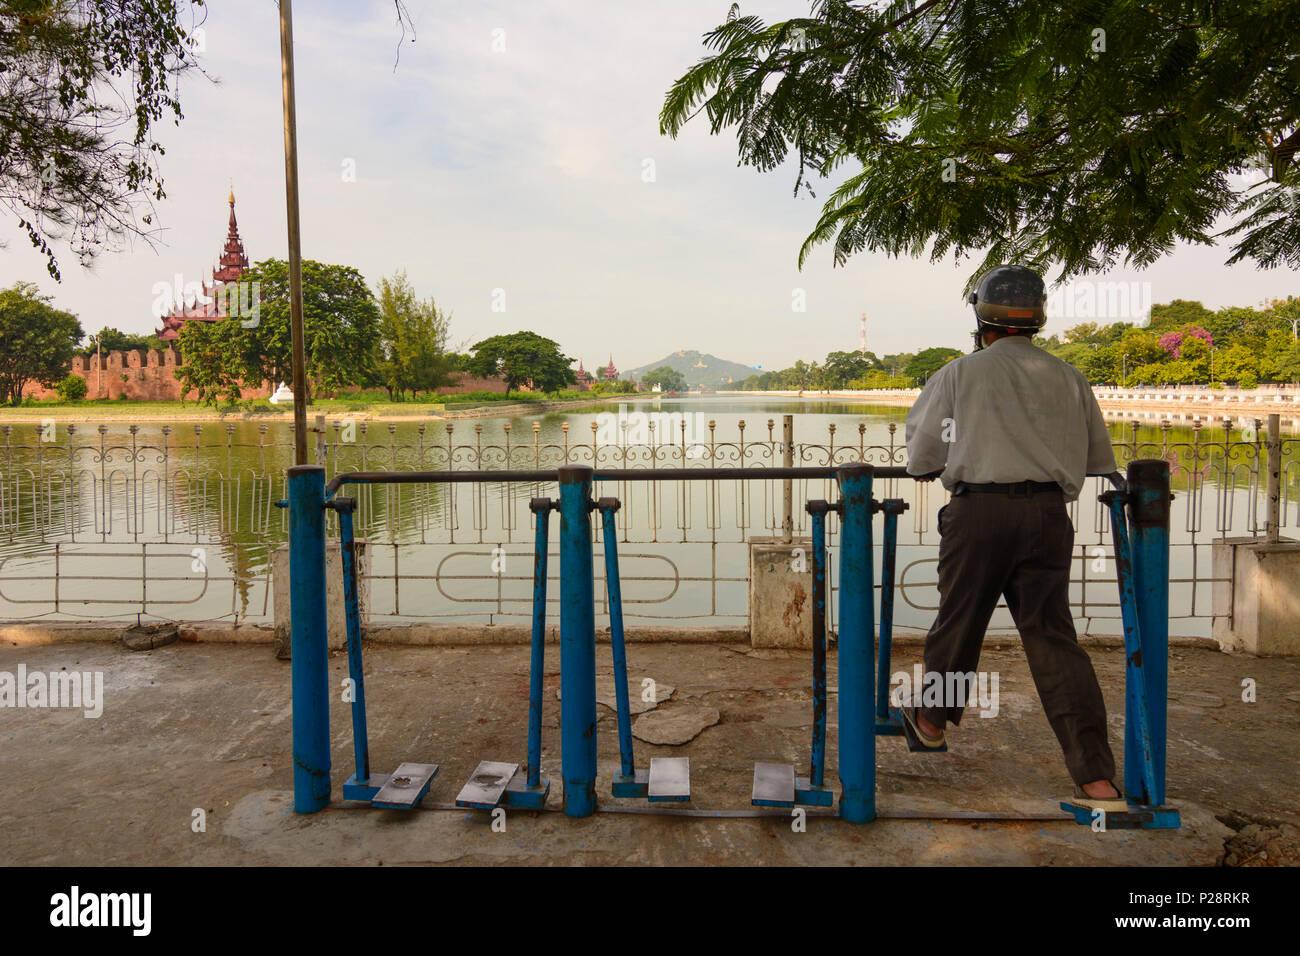 Mandalay, Palacio de Mandalay, foso lleno de agua, bastión, la colina de Mandalay, máquina de ejercicio, región de Mandalay, Myanmar (Birmania) Imagen De Stock